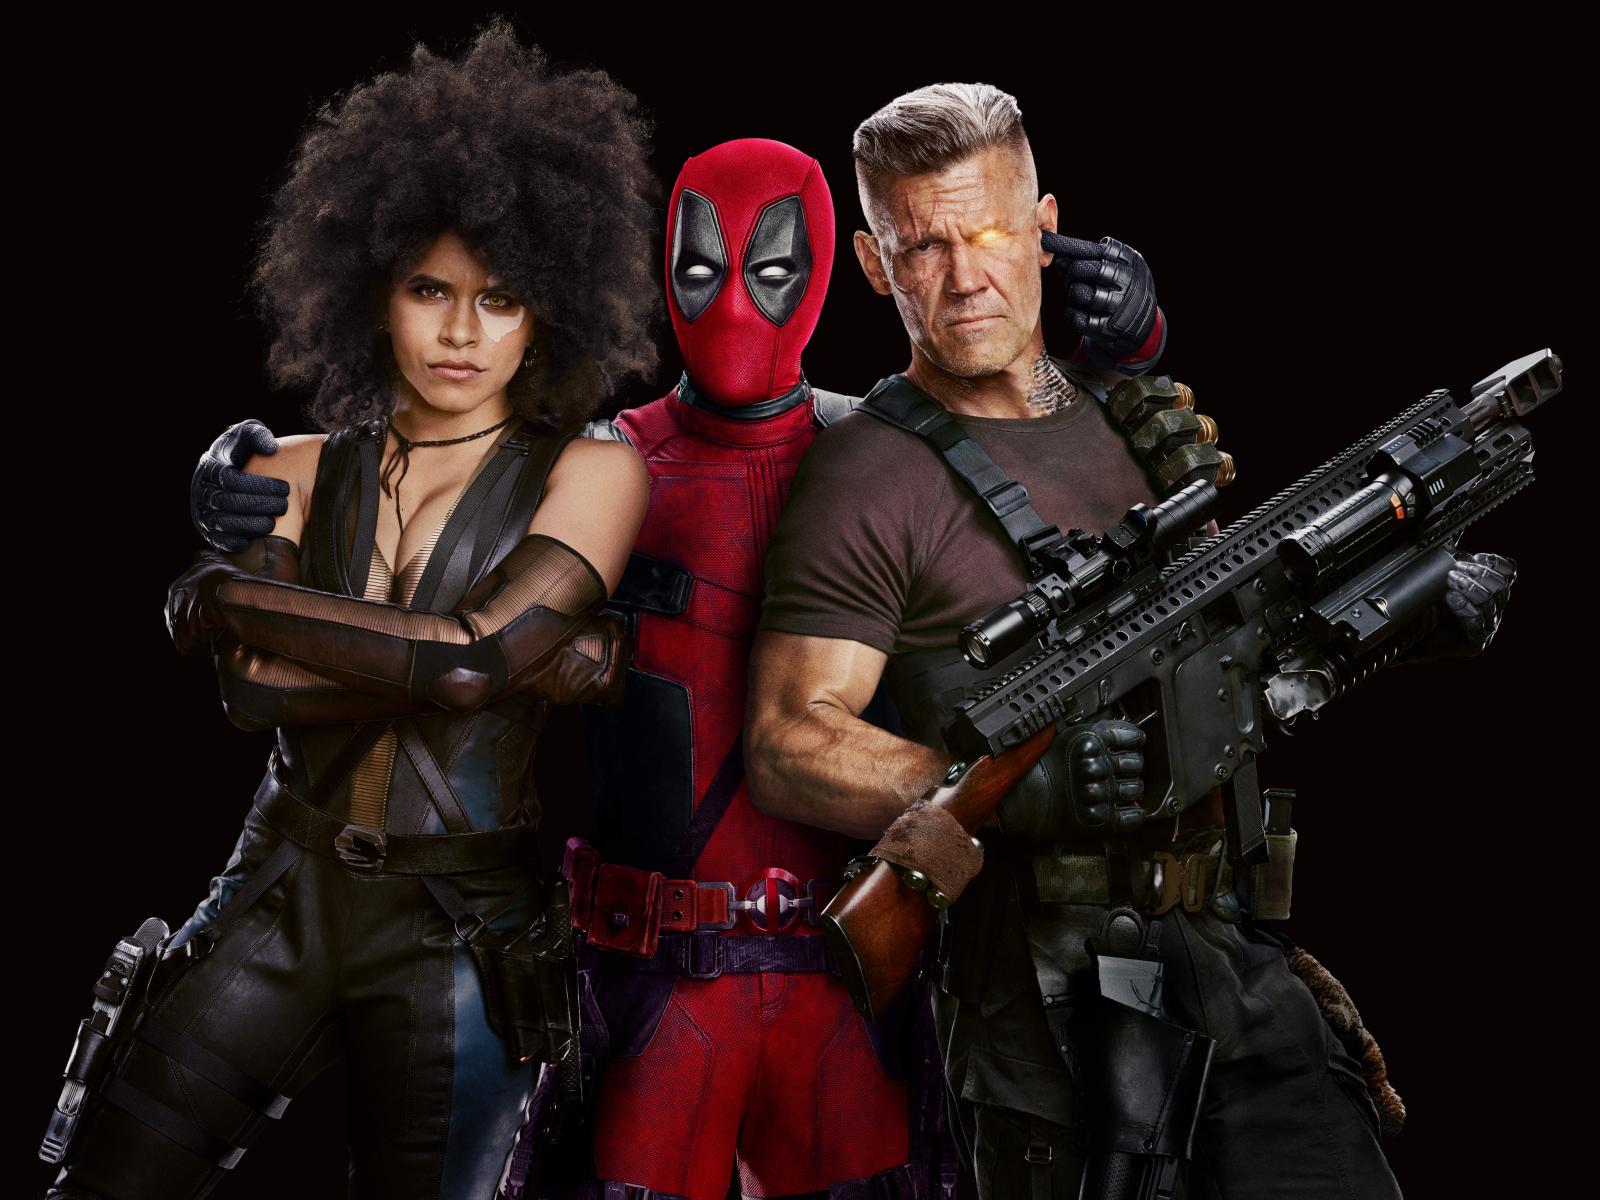 Deadpool 2 movie poster hd 8k wallpaper - Movie poster wallpaper ...